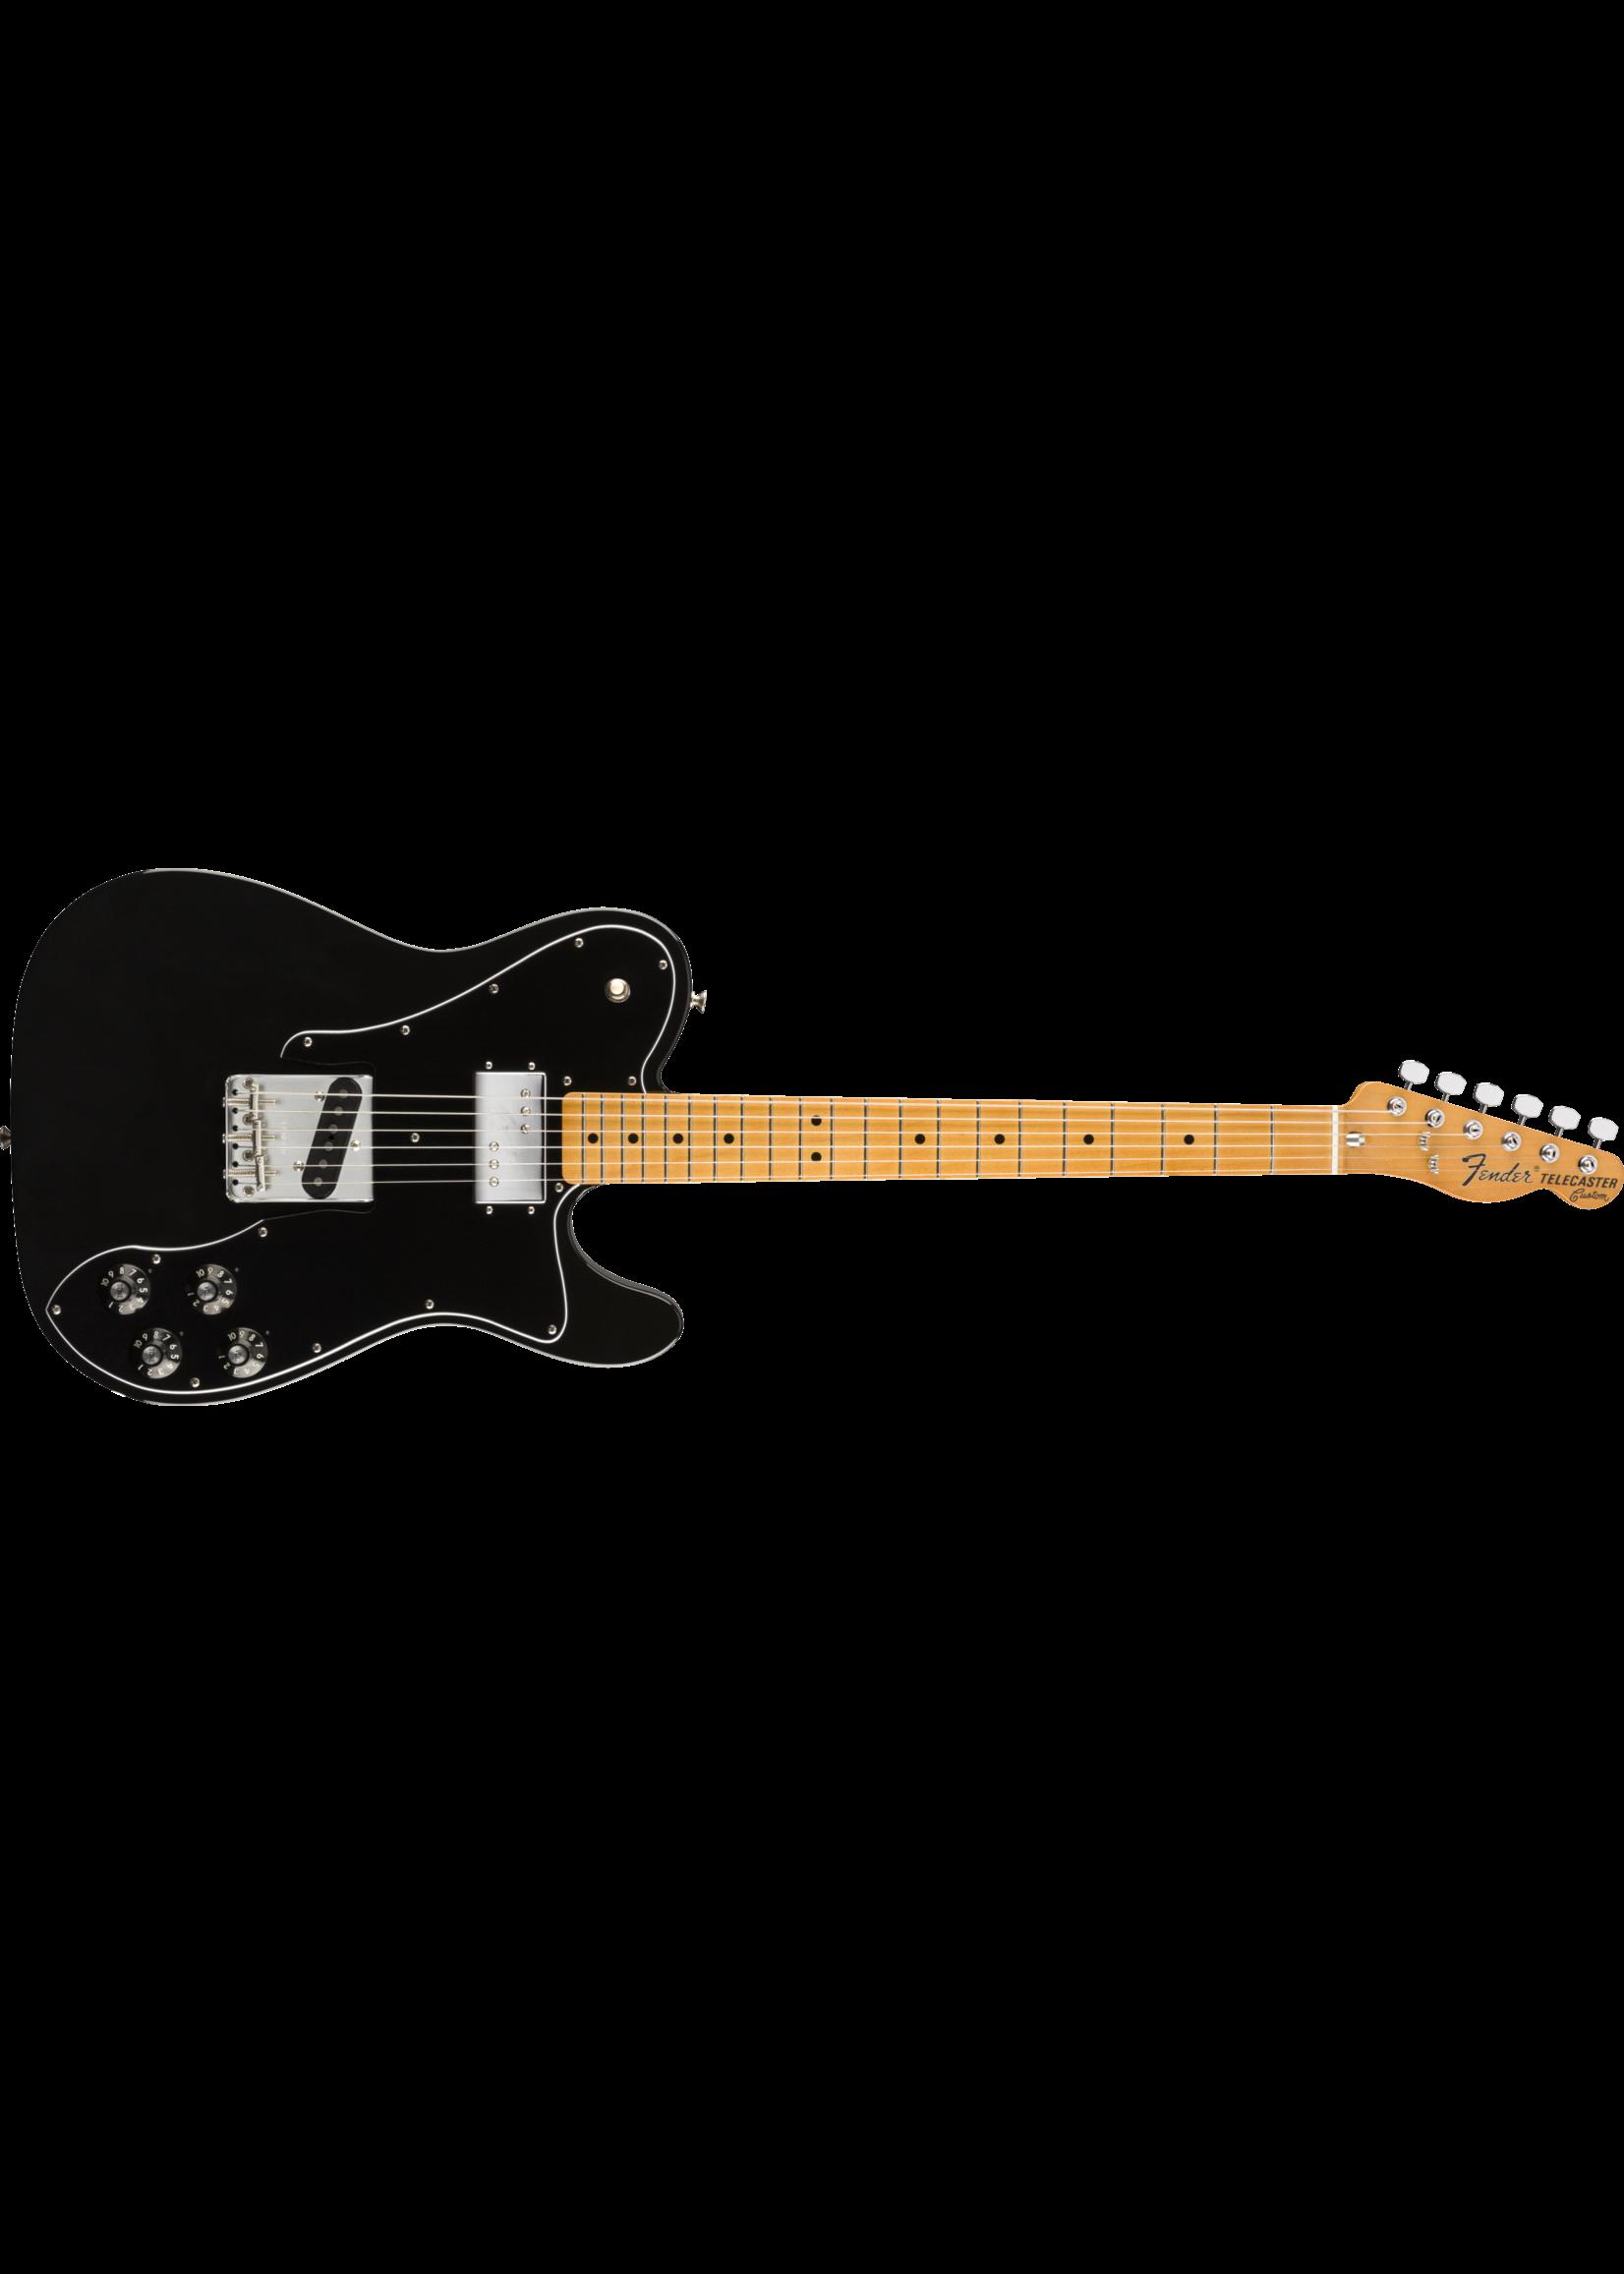 Fender Fender Vintera '70s Telecaster Custom Black Maple Fretboard